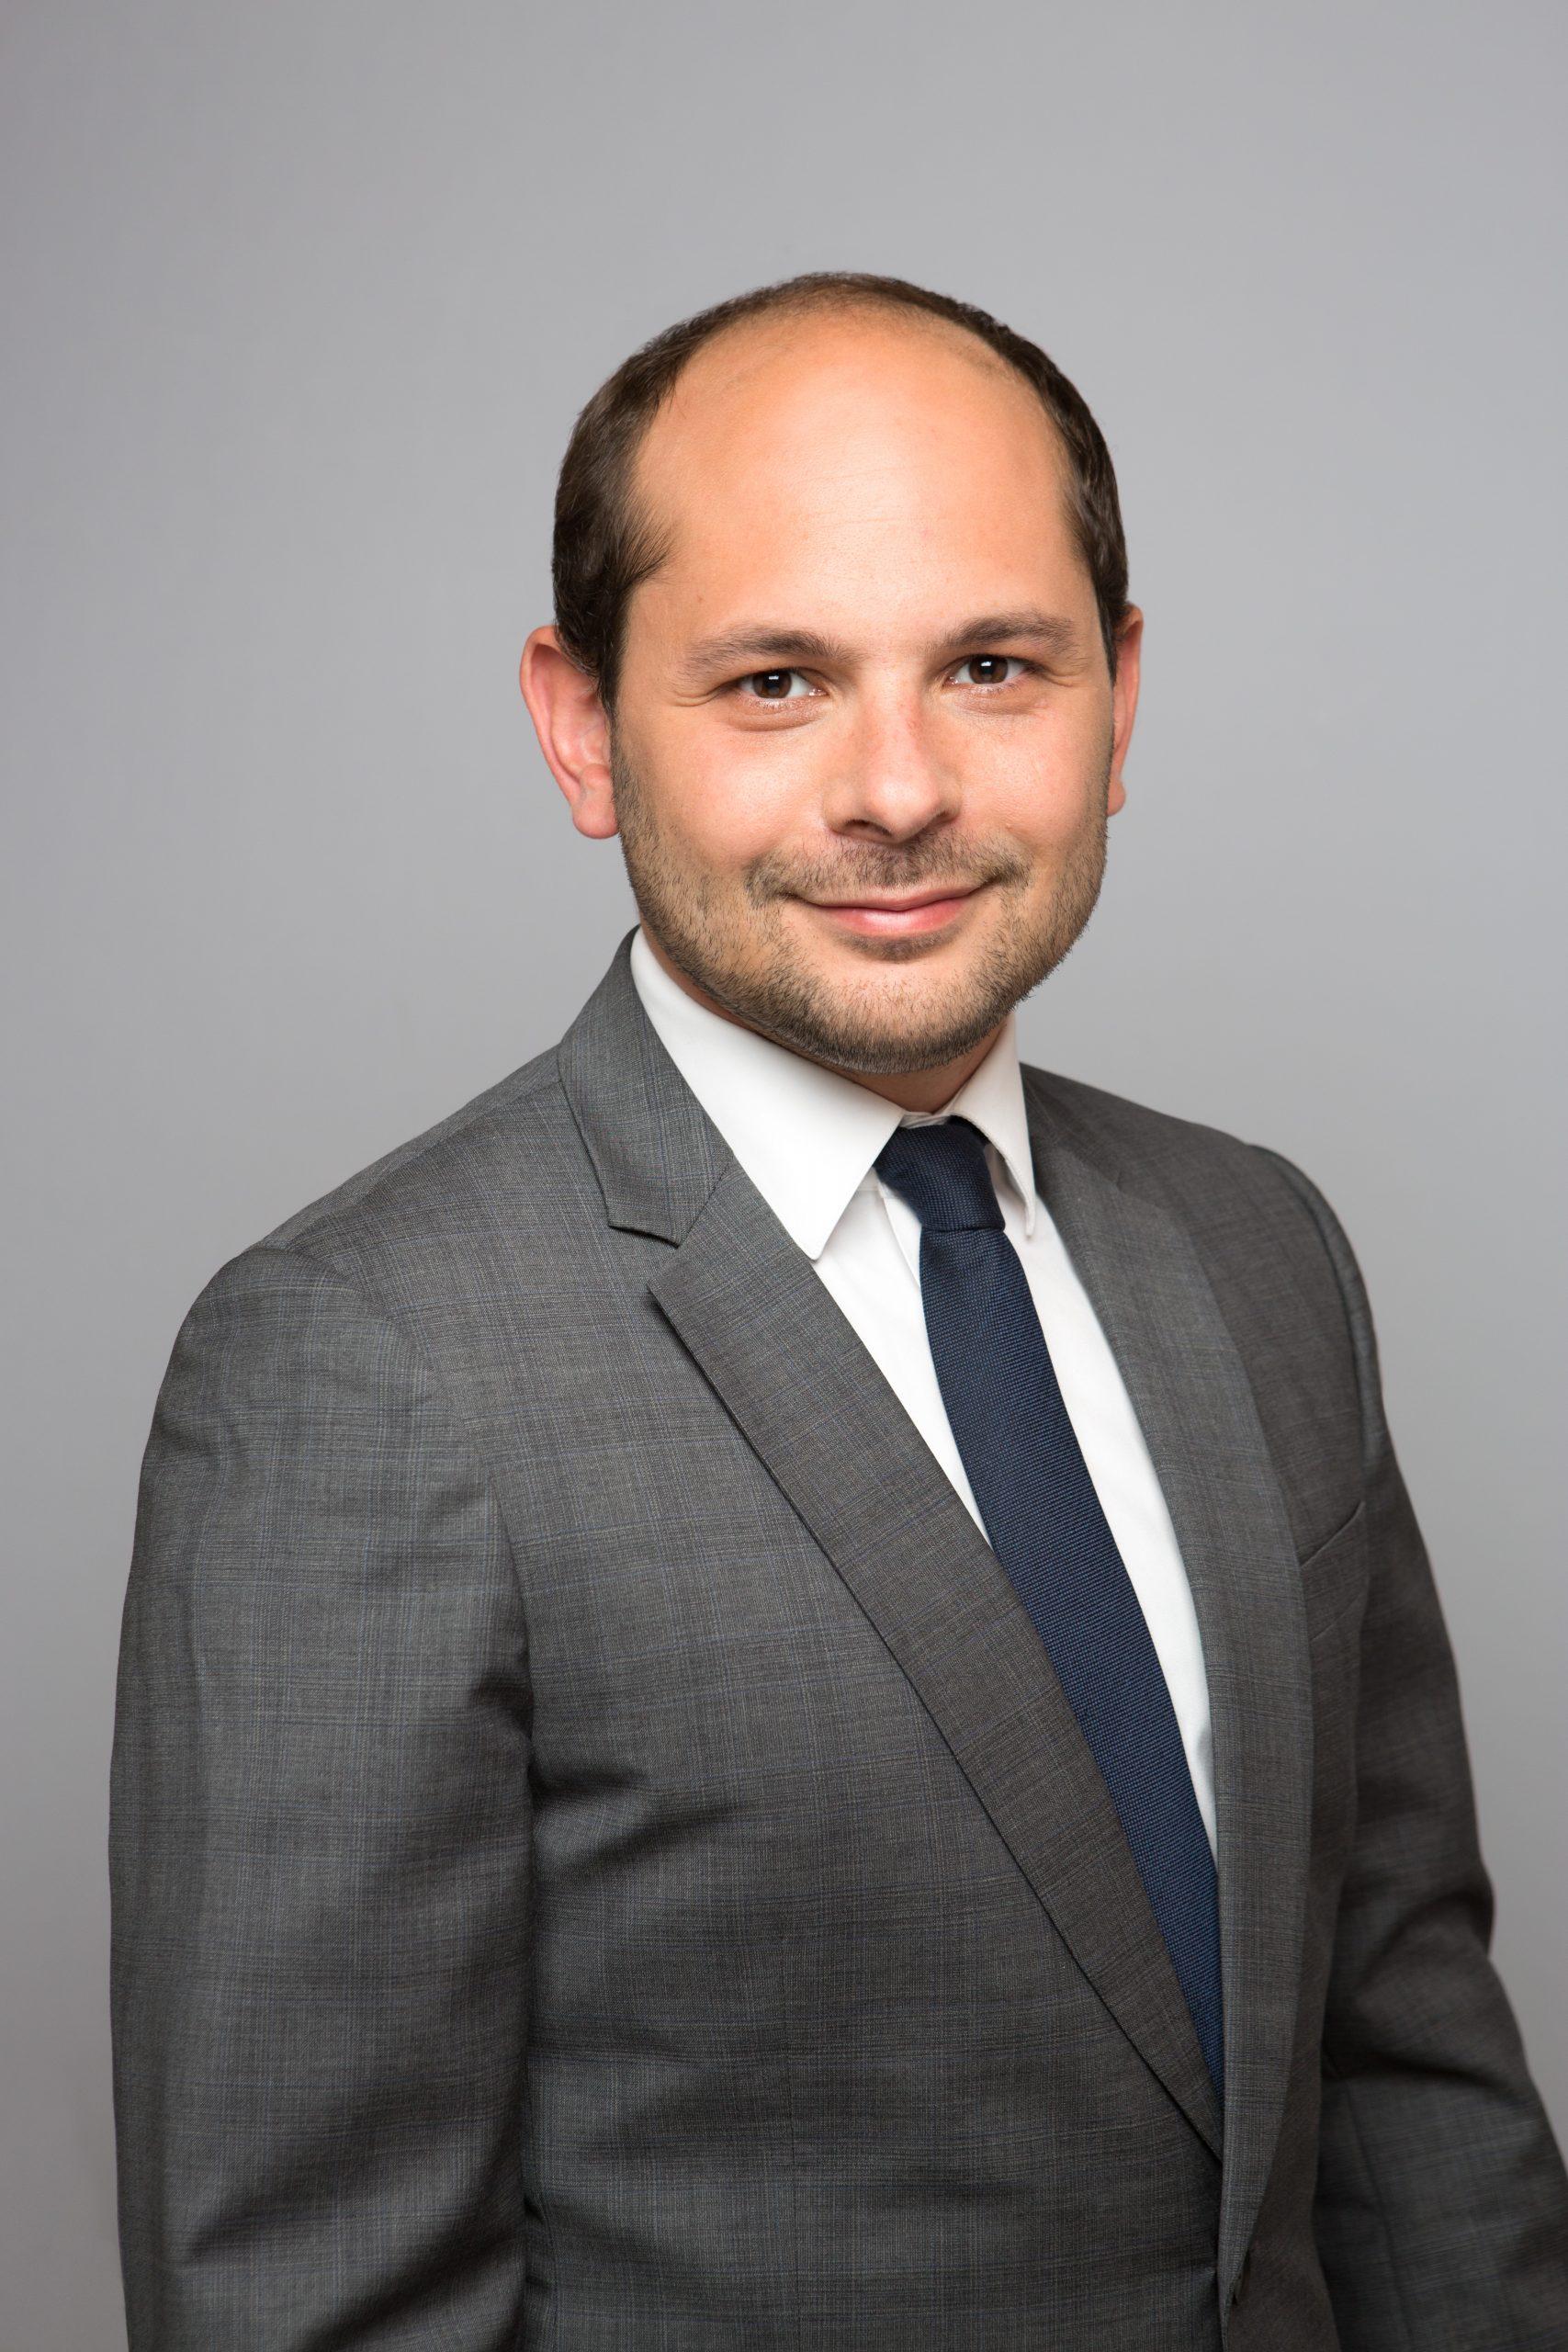 Benjamin Jami